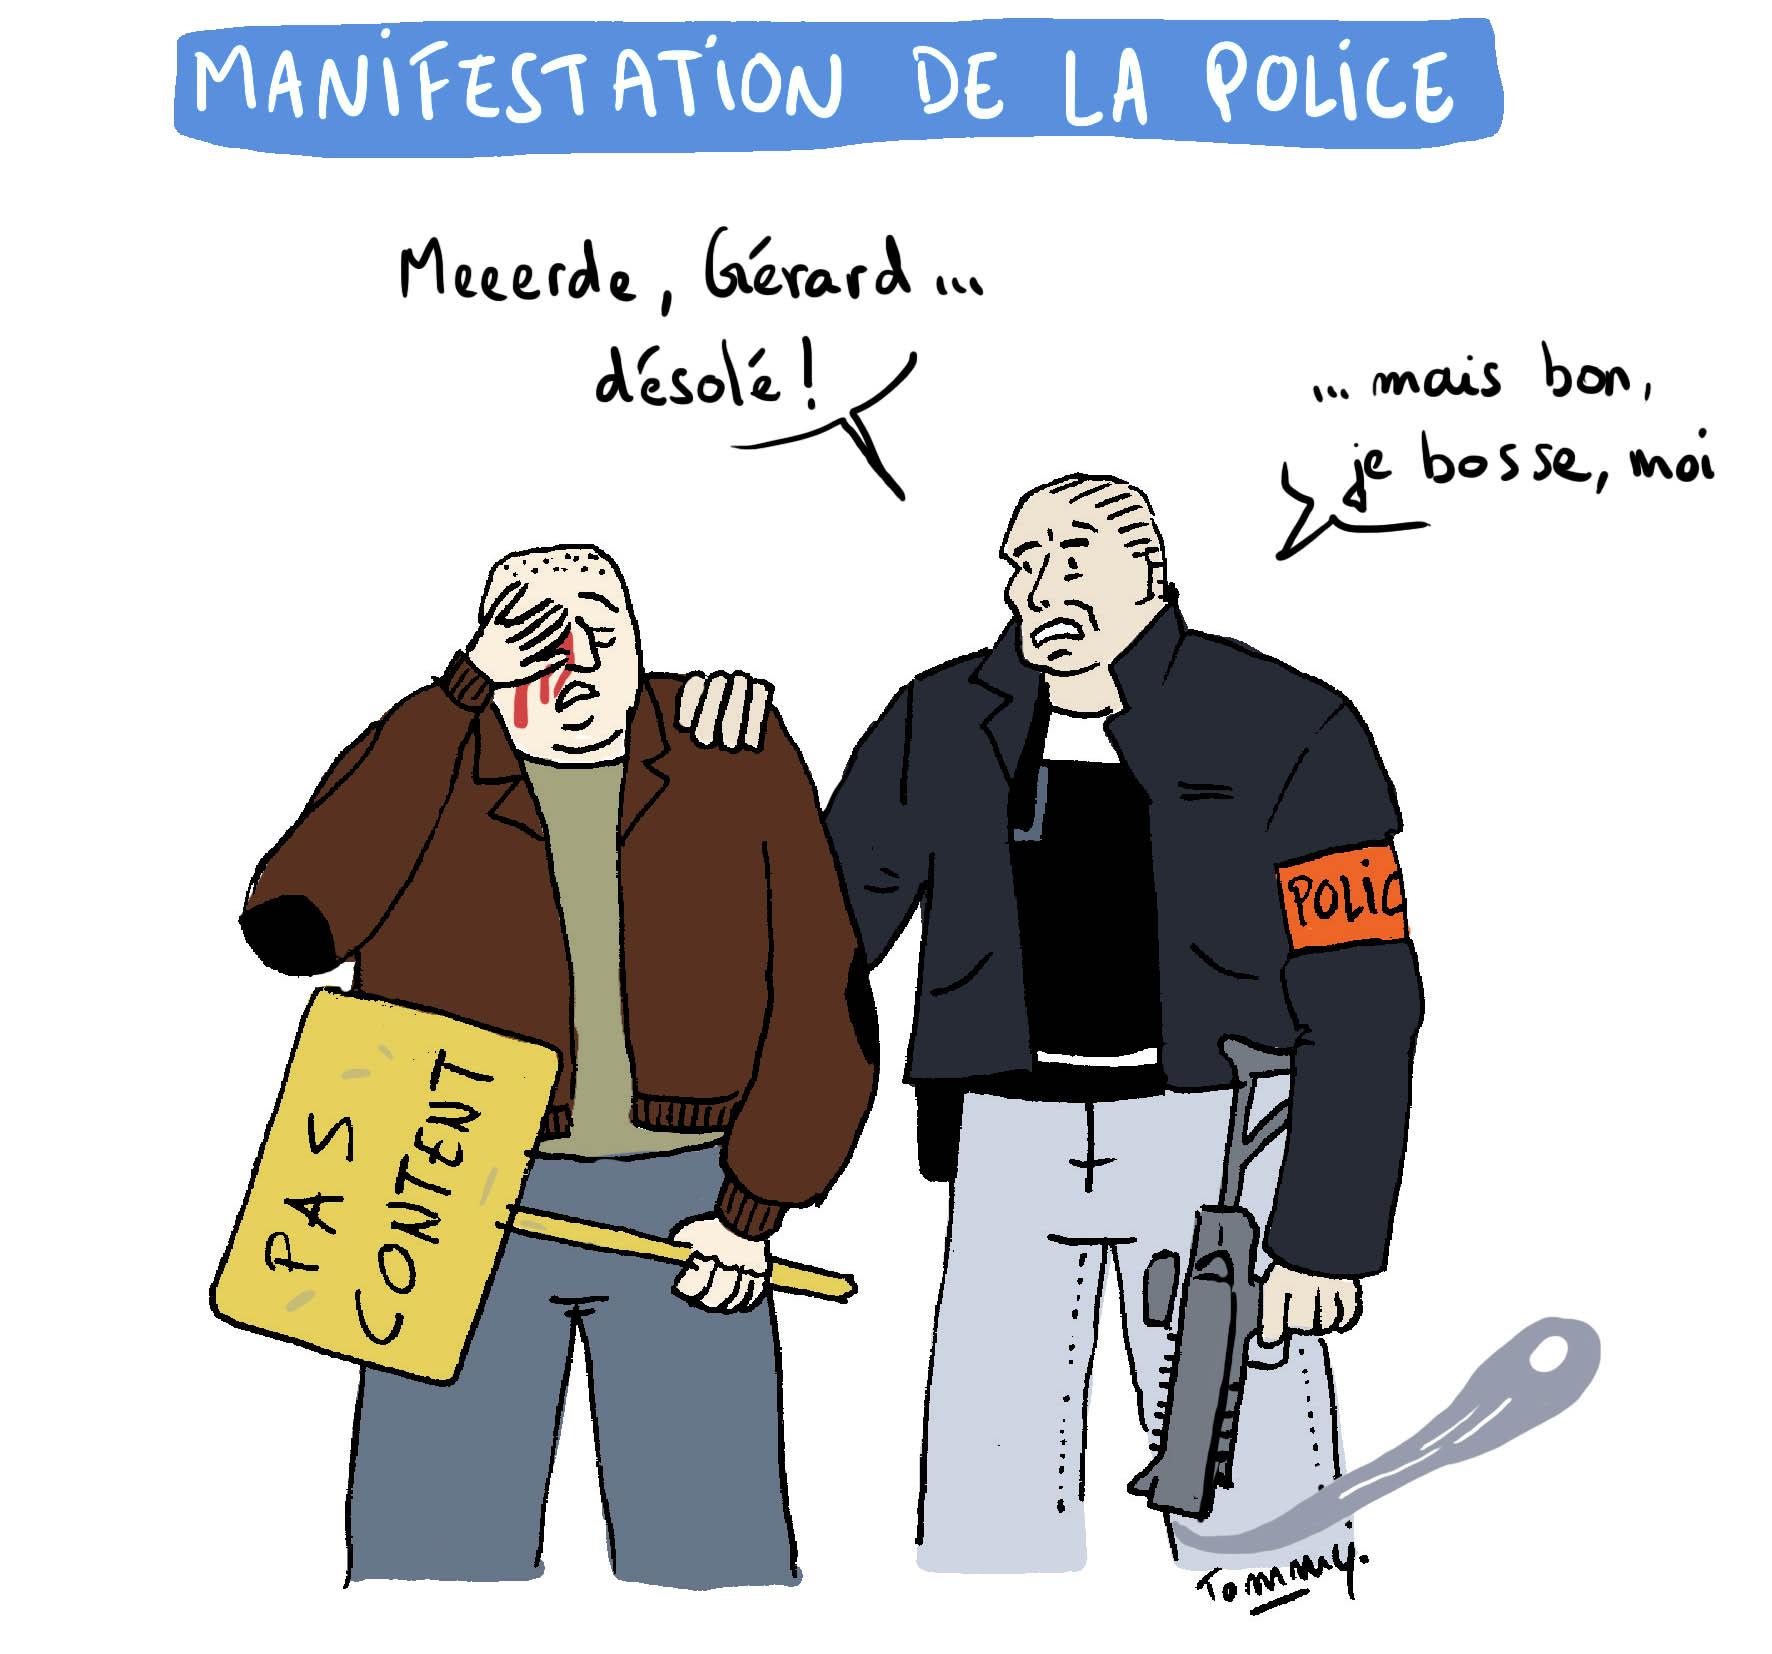 Manifestation de la police